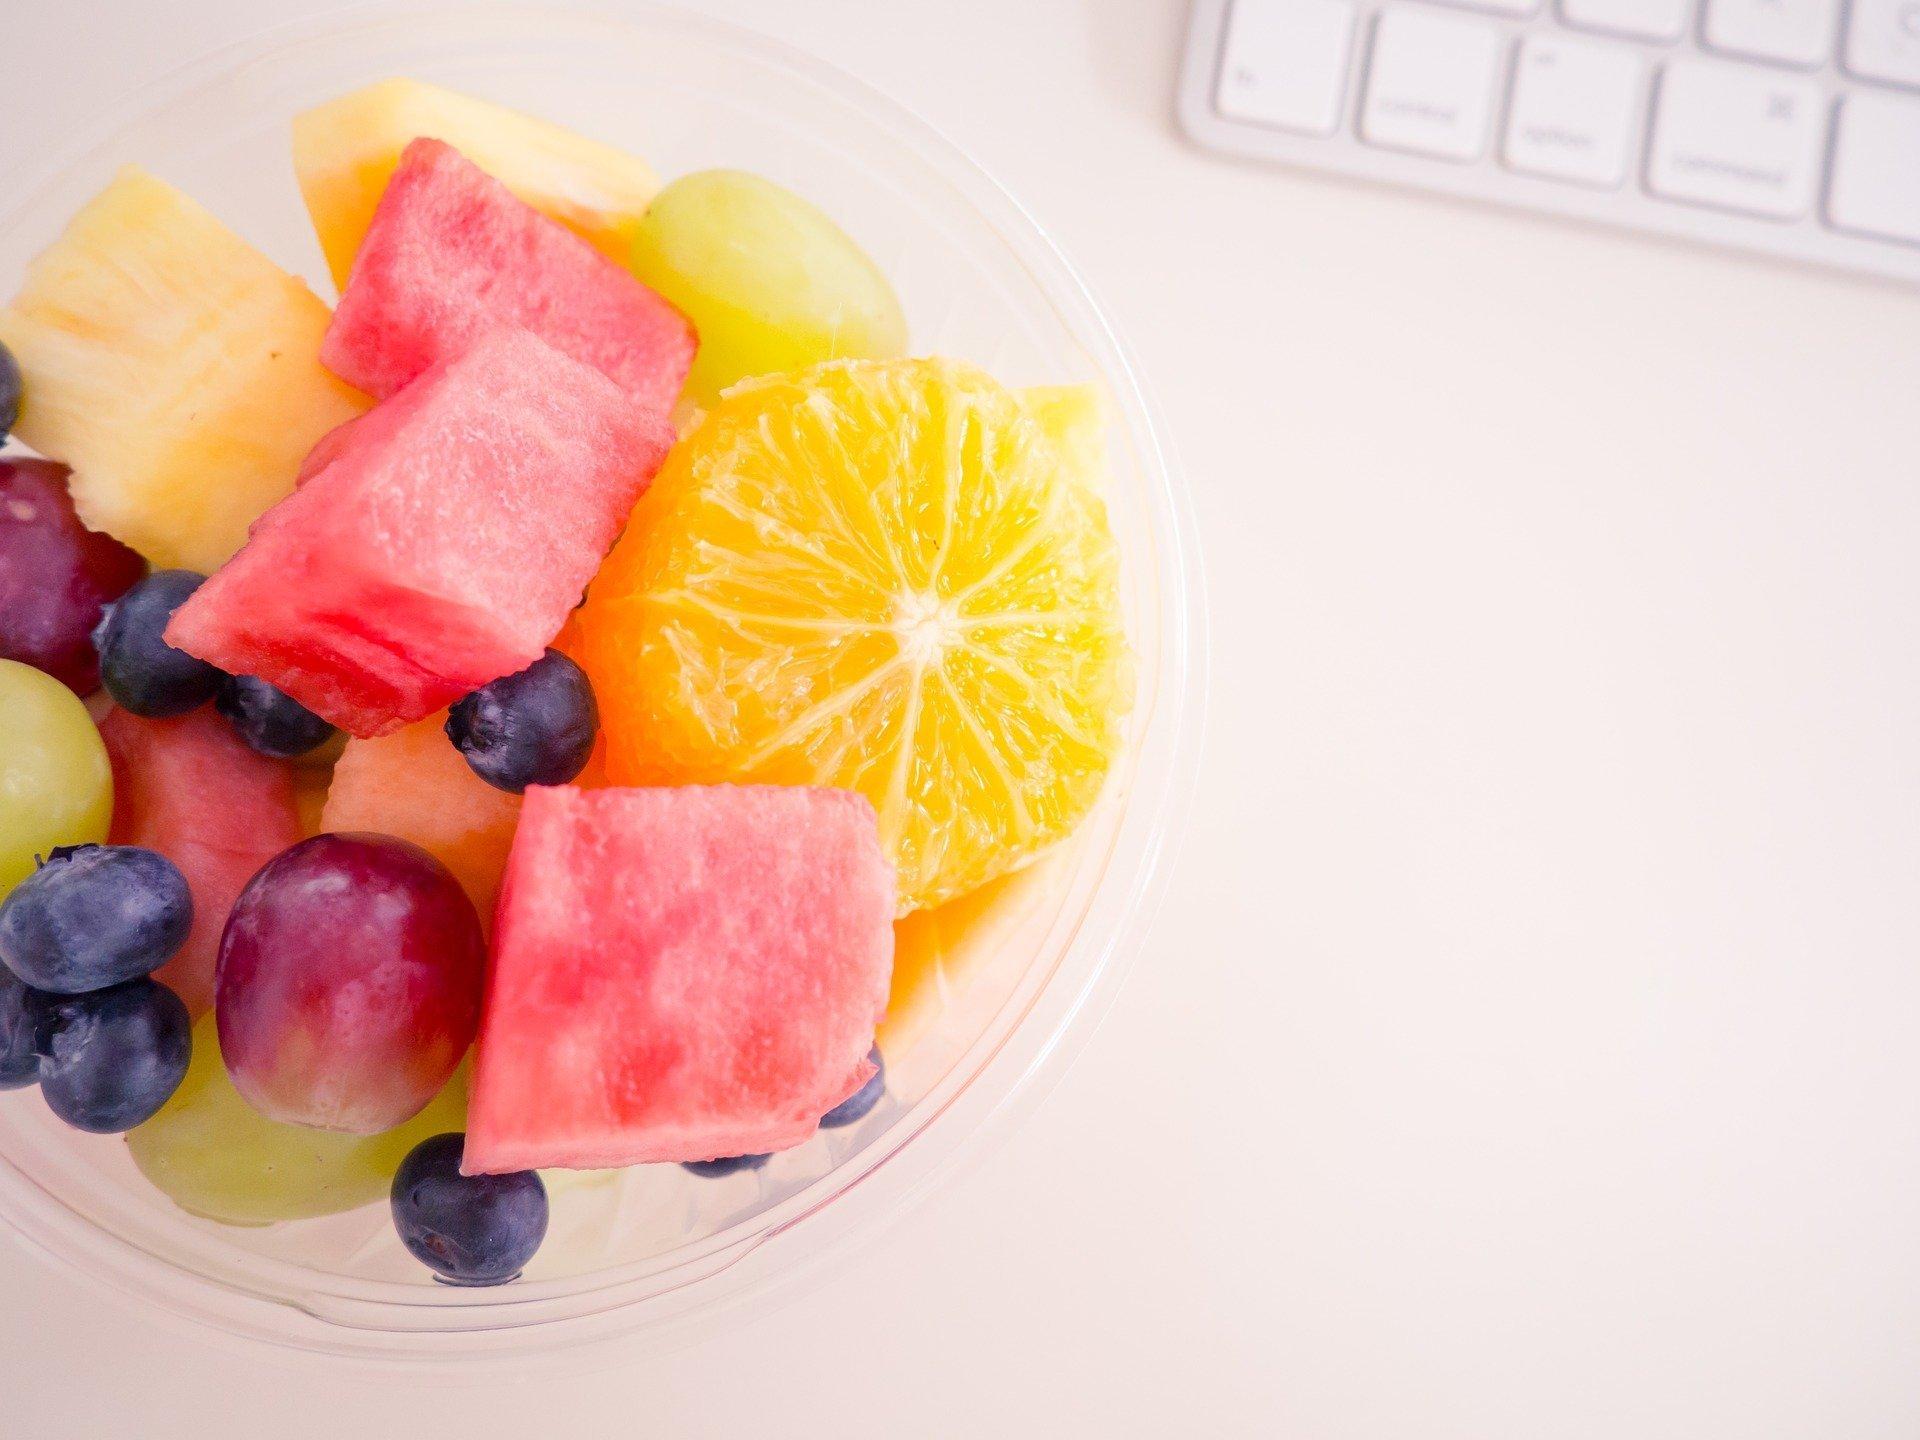 Diety a hubnutí jsou jedny z nejvíce diskutovaných témat mezi ženami i muži každého věku. Mnoho z nich si myslí, že zhubnou hlavně tím, že rapidně sníží svůj denní příjem kalorií. Ačkoliv se to může zpočátku zdát jako účinný způsob, jak se zbytečných kil zbavit, rychle dojdete k zjištění, že tomu tak není. Po krátkém šoku těla, kdy budete hubnout se dočkáte jo-jo efektu hned, jak se vrátíte na normální stravu. Proto vám přináším několik tipů na zdravé svačinky, které vám nastartují metabolismus.